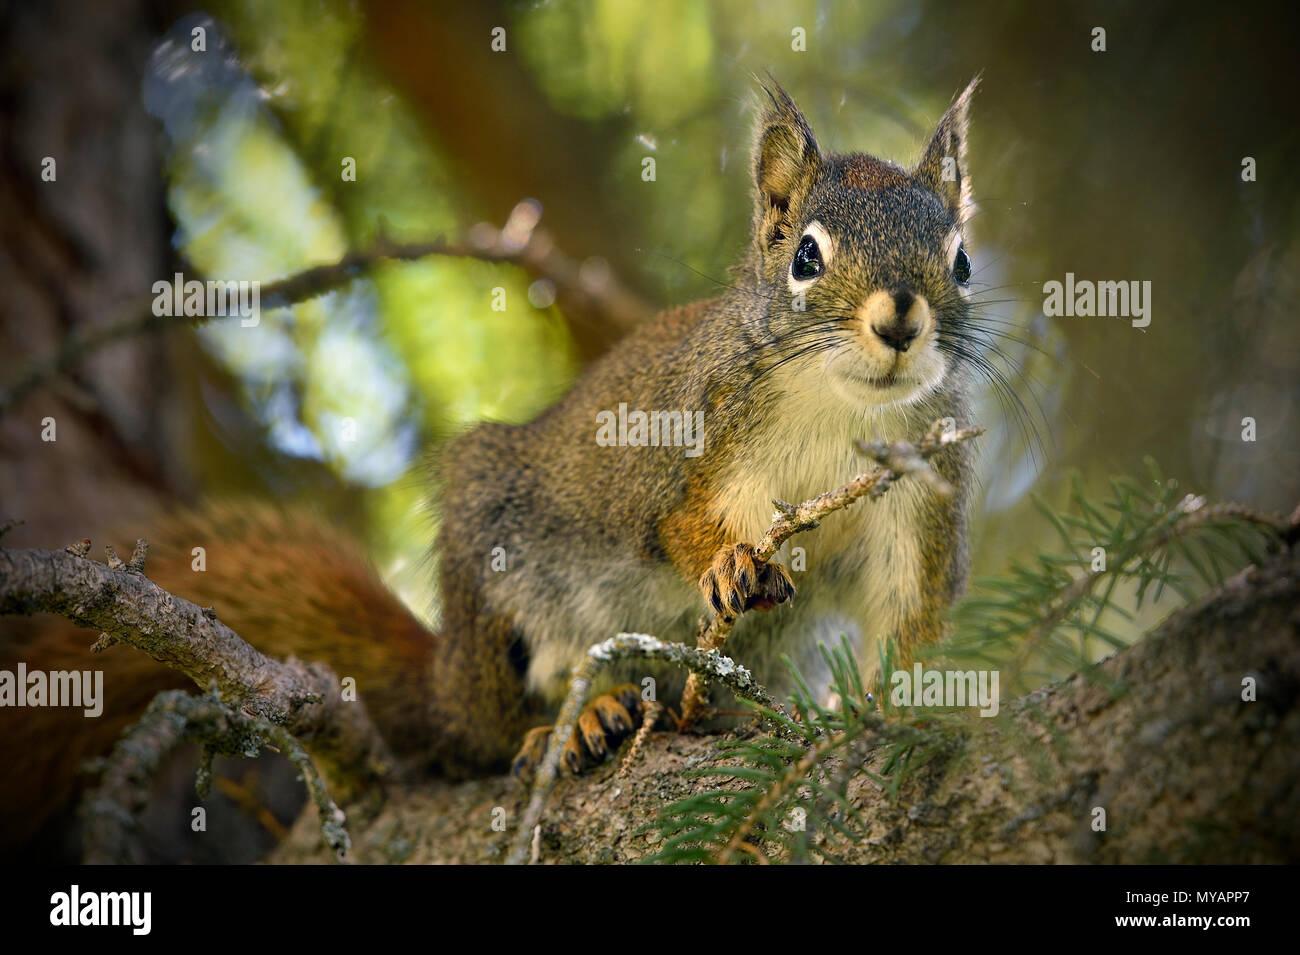 Eine Nahaufnahme Bild eines Eichhörnchens 'Tamiasciurus hudsonicus'; Sitzen hoch in seinem Baum nach unten schauen. Stockbild